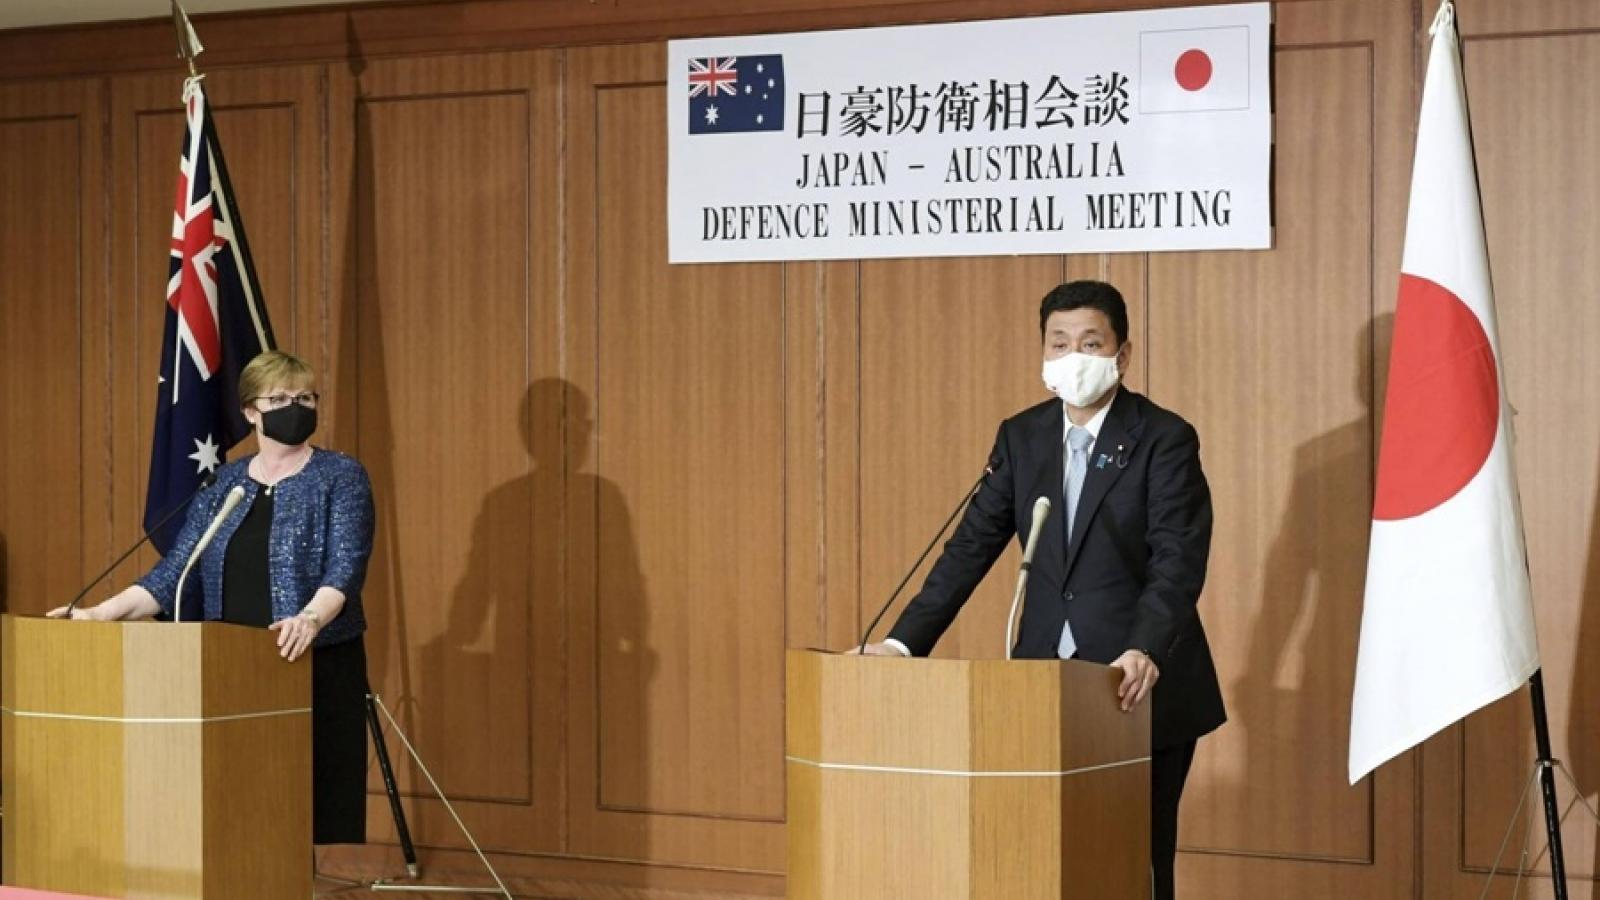 Australiathúc đẩy hợp tác quốc phòng với các nước trong khu vực